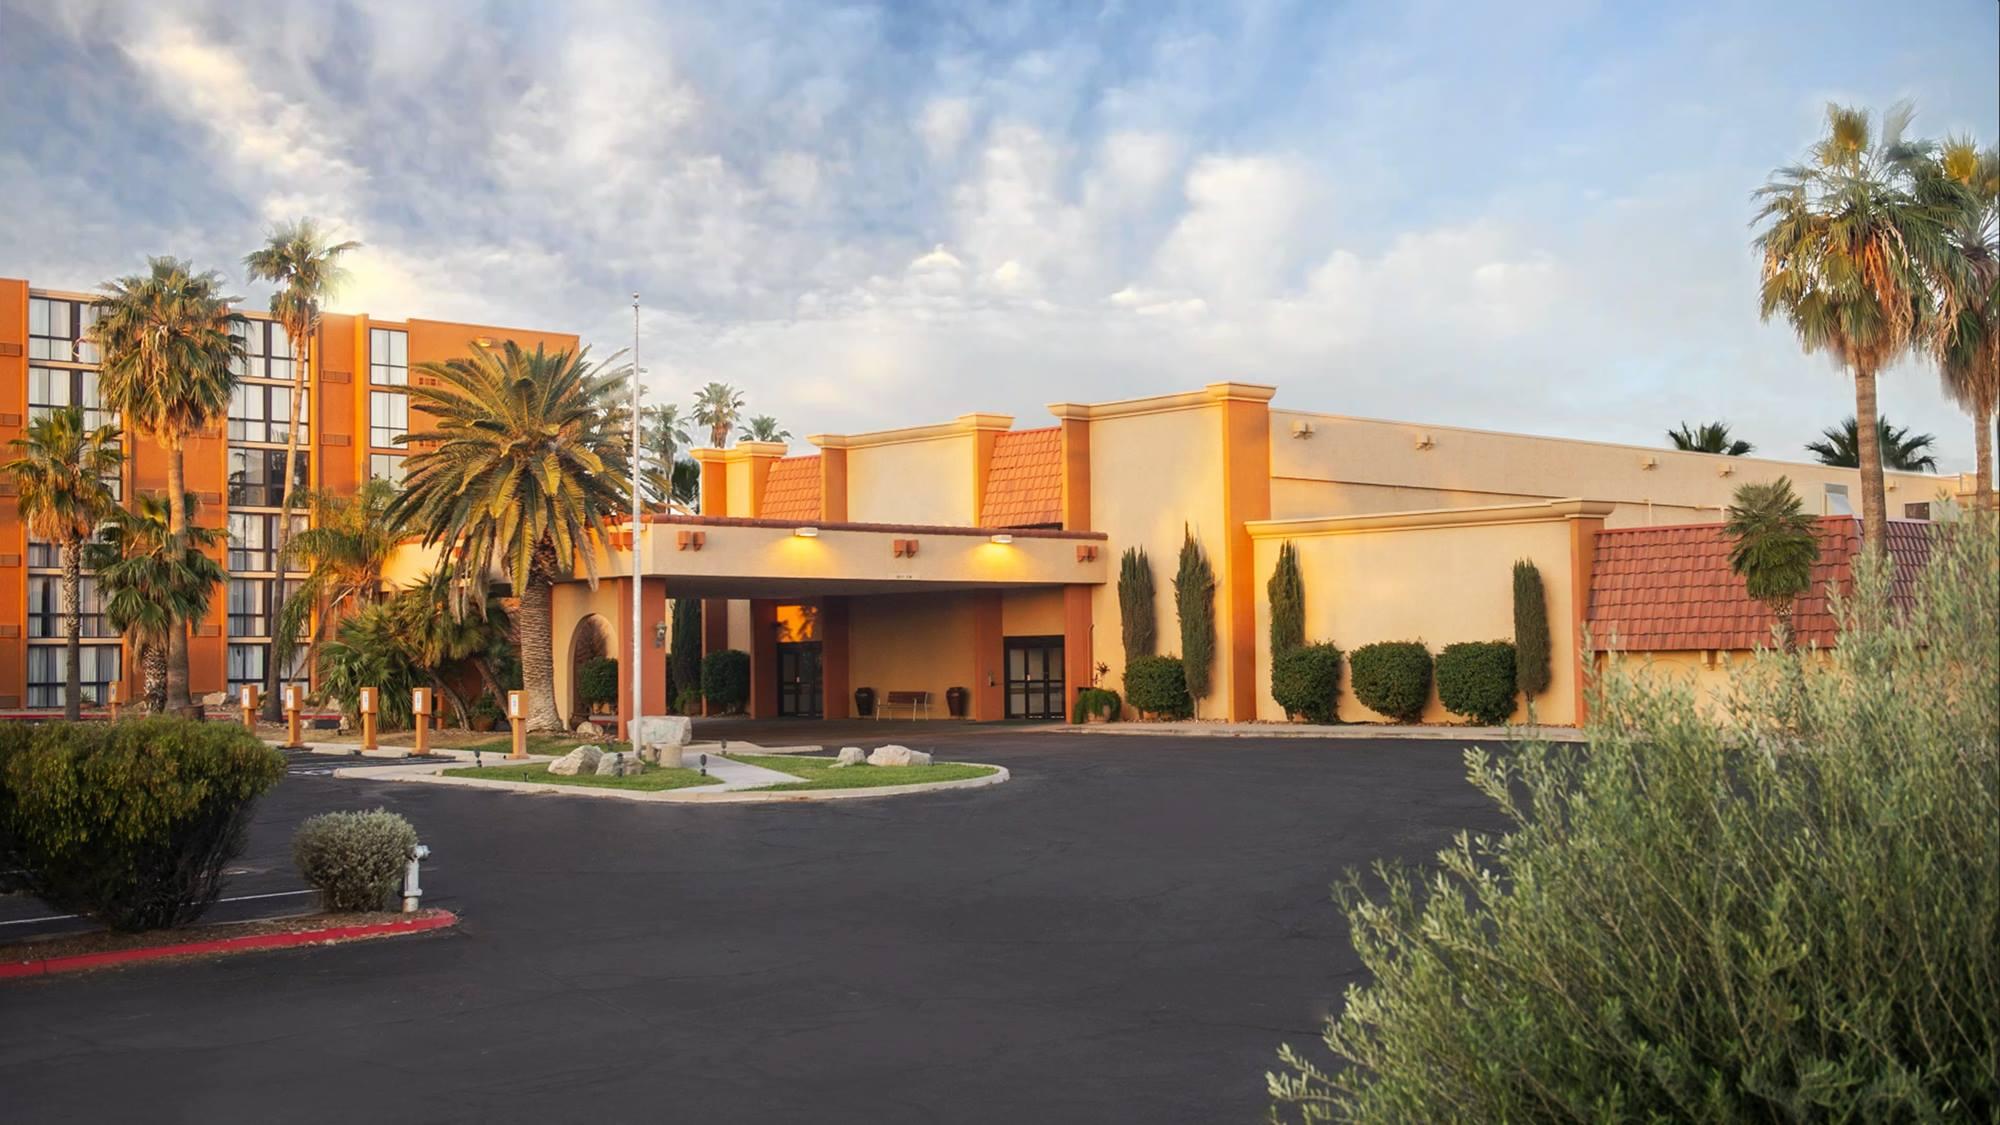 Center of Opportunity 4550 S Palo Verde Rd, Tucson